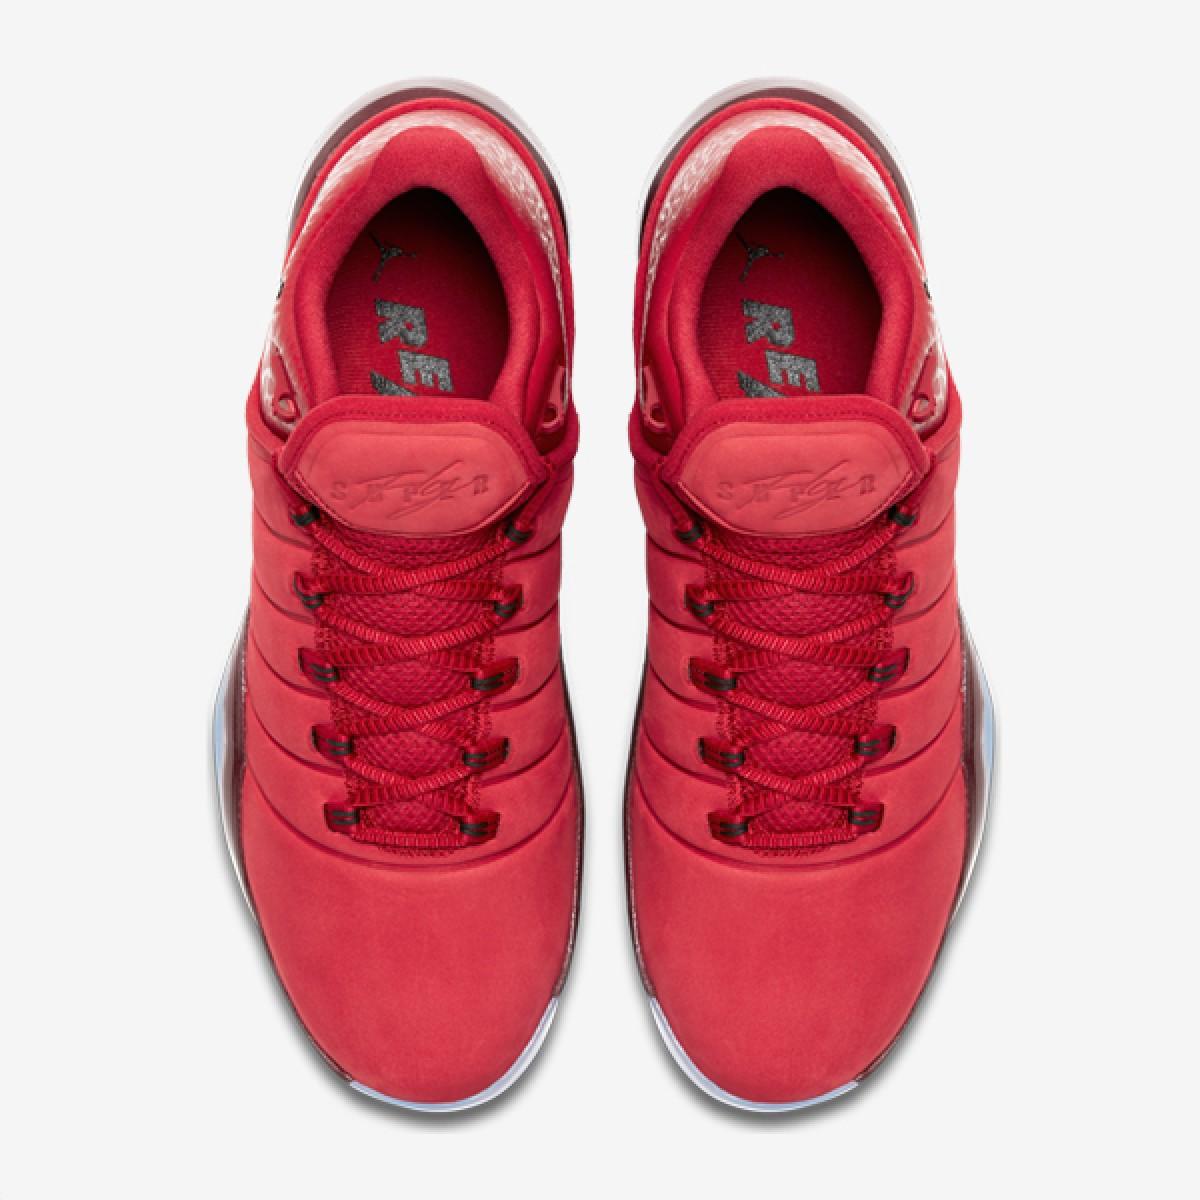 Jordan Super.Fly 'Gym Red' 921203-601